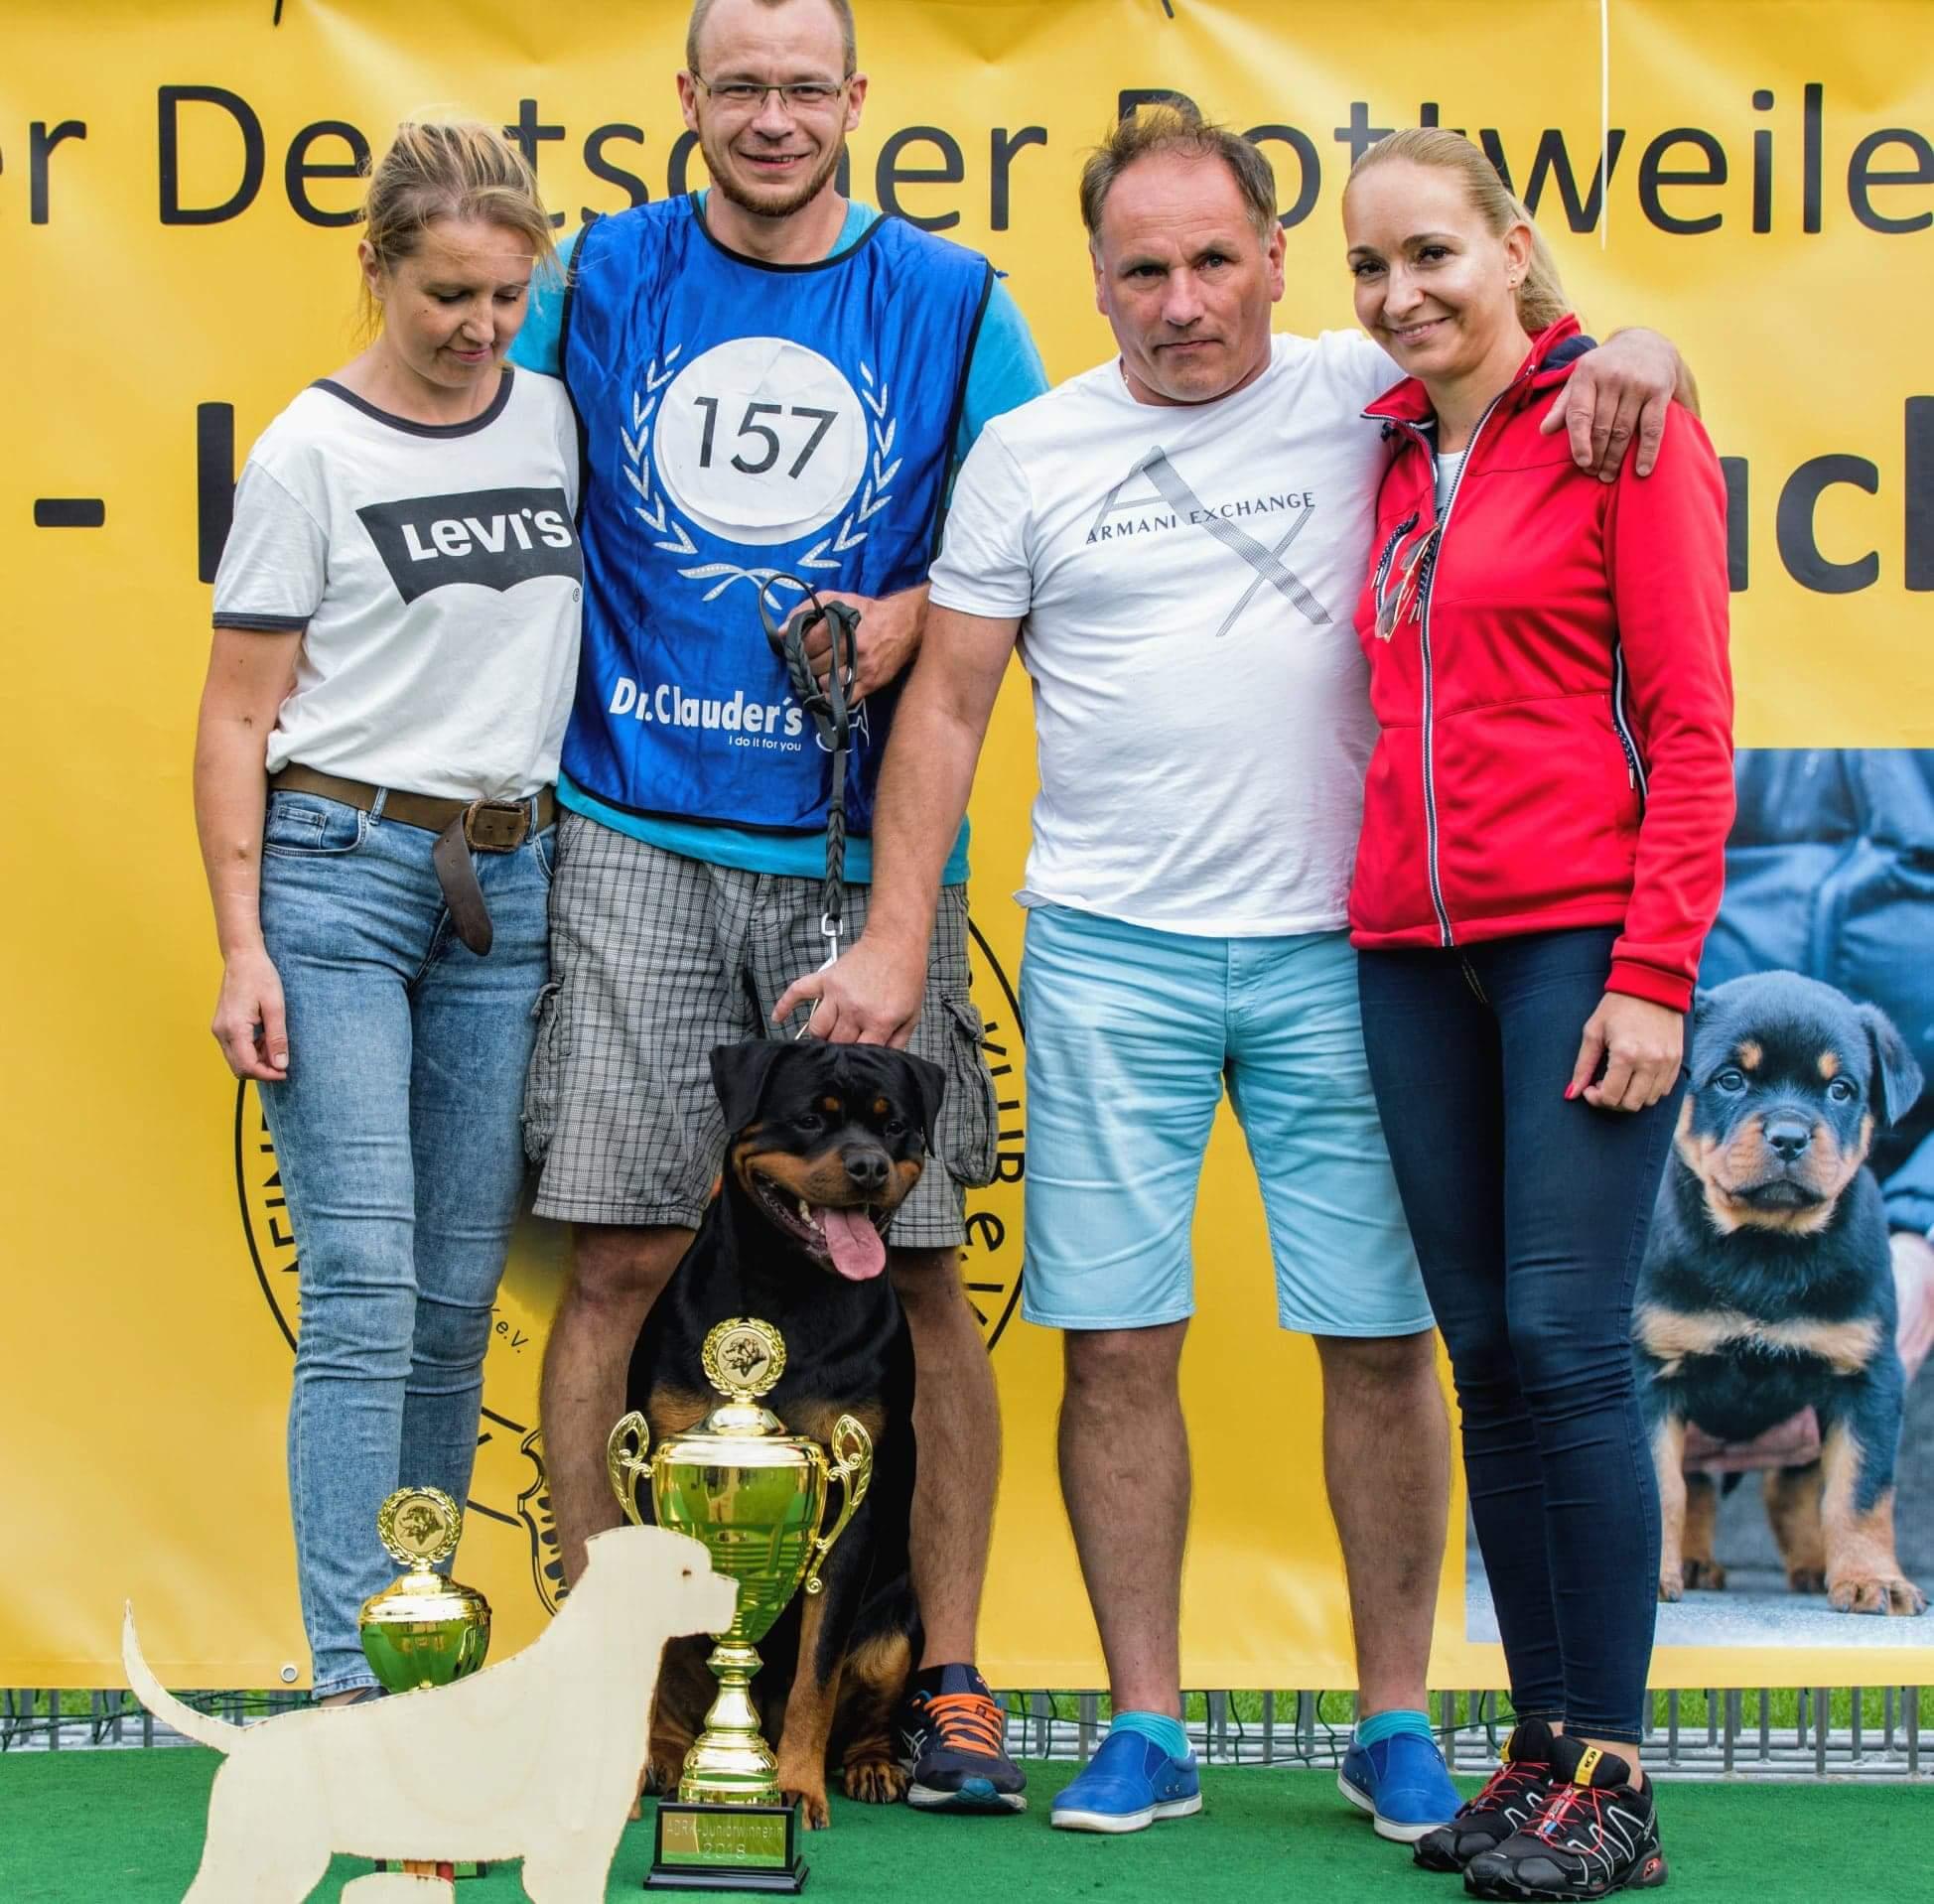 GINA Angaros MŁODZIEŻOWĄ ZWYCIĘŻCZYNIĄ ADRK 2018 !!! | Rottweiler - Hodowla Rottweilerów Angaros - Rottweilers - Rottweilery